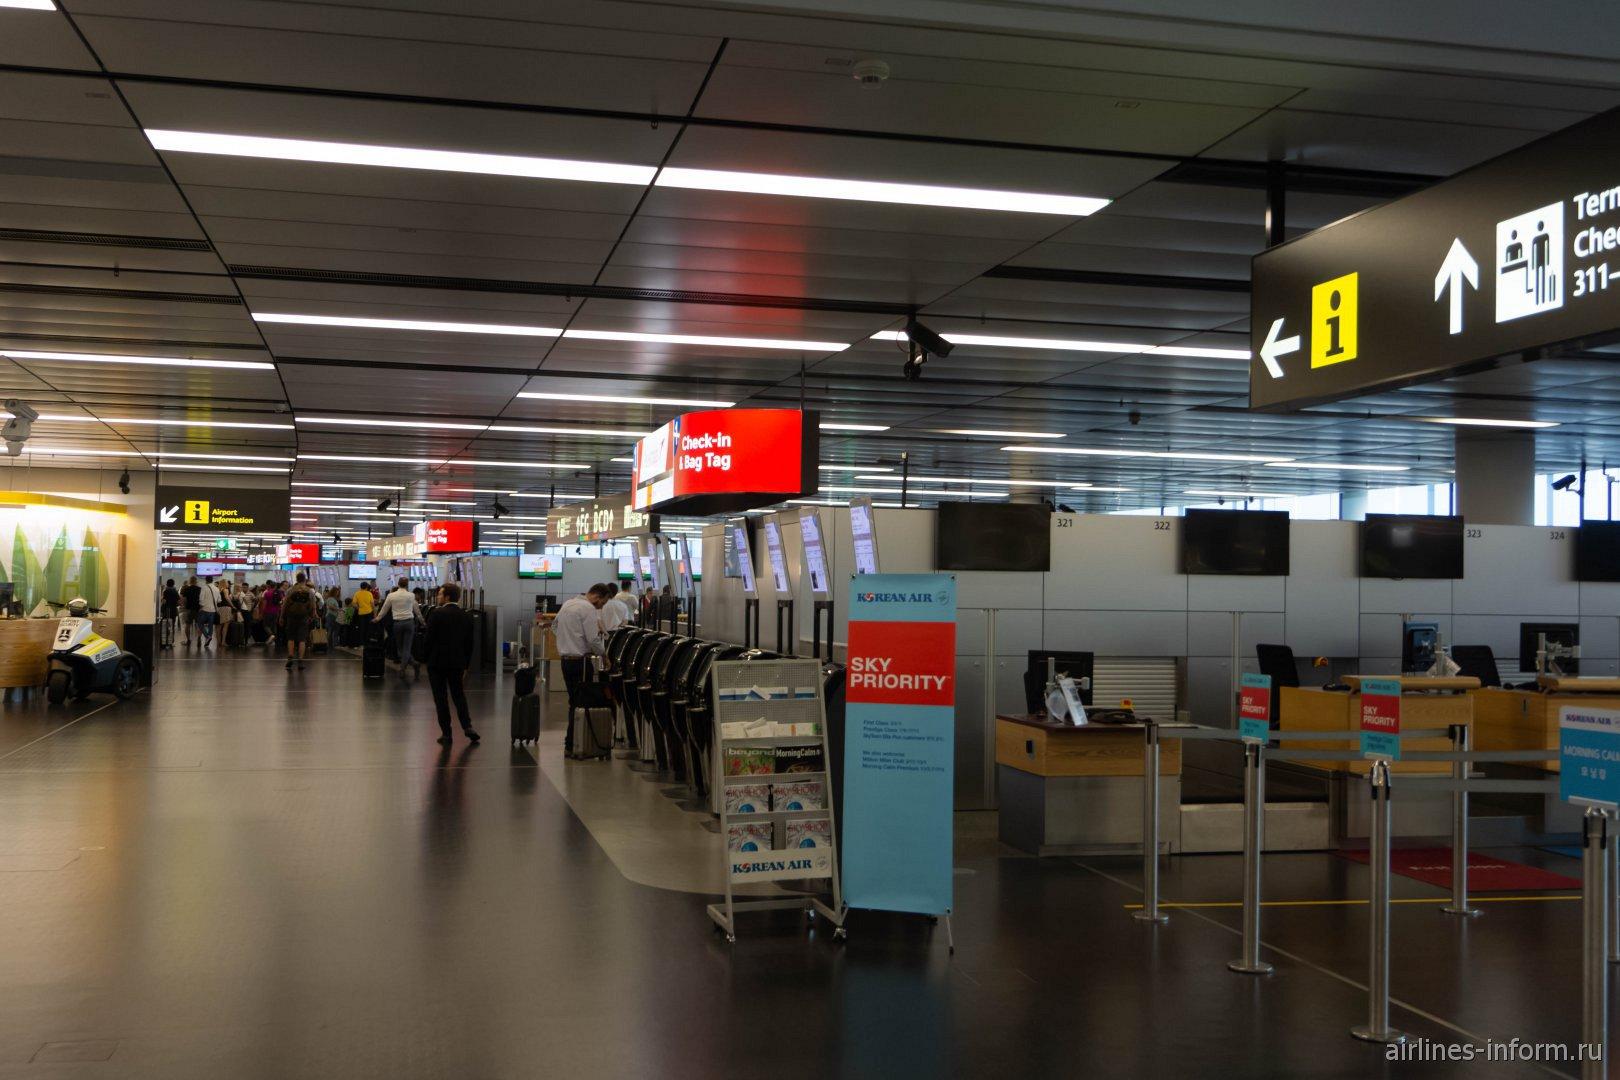 Зона регистрации на рейсы в терминале 3 аэропорта Вена Швехат